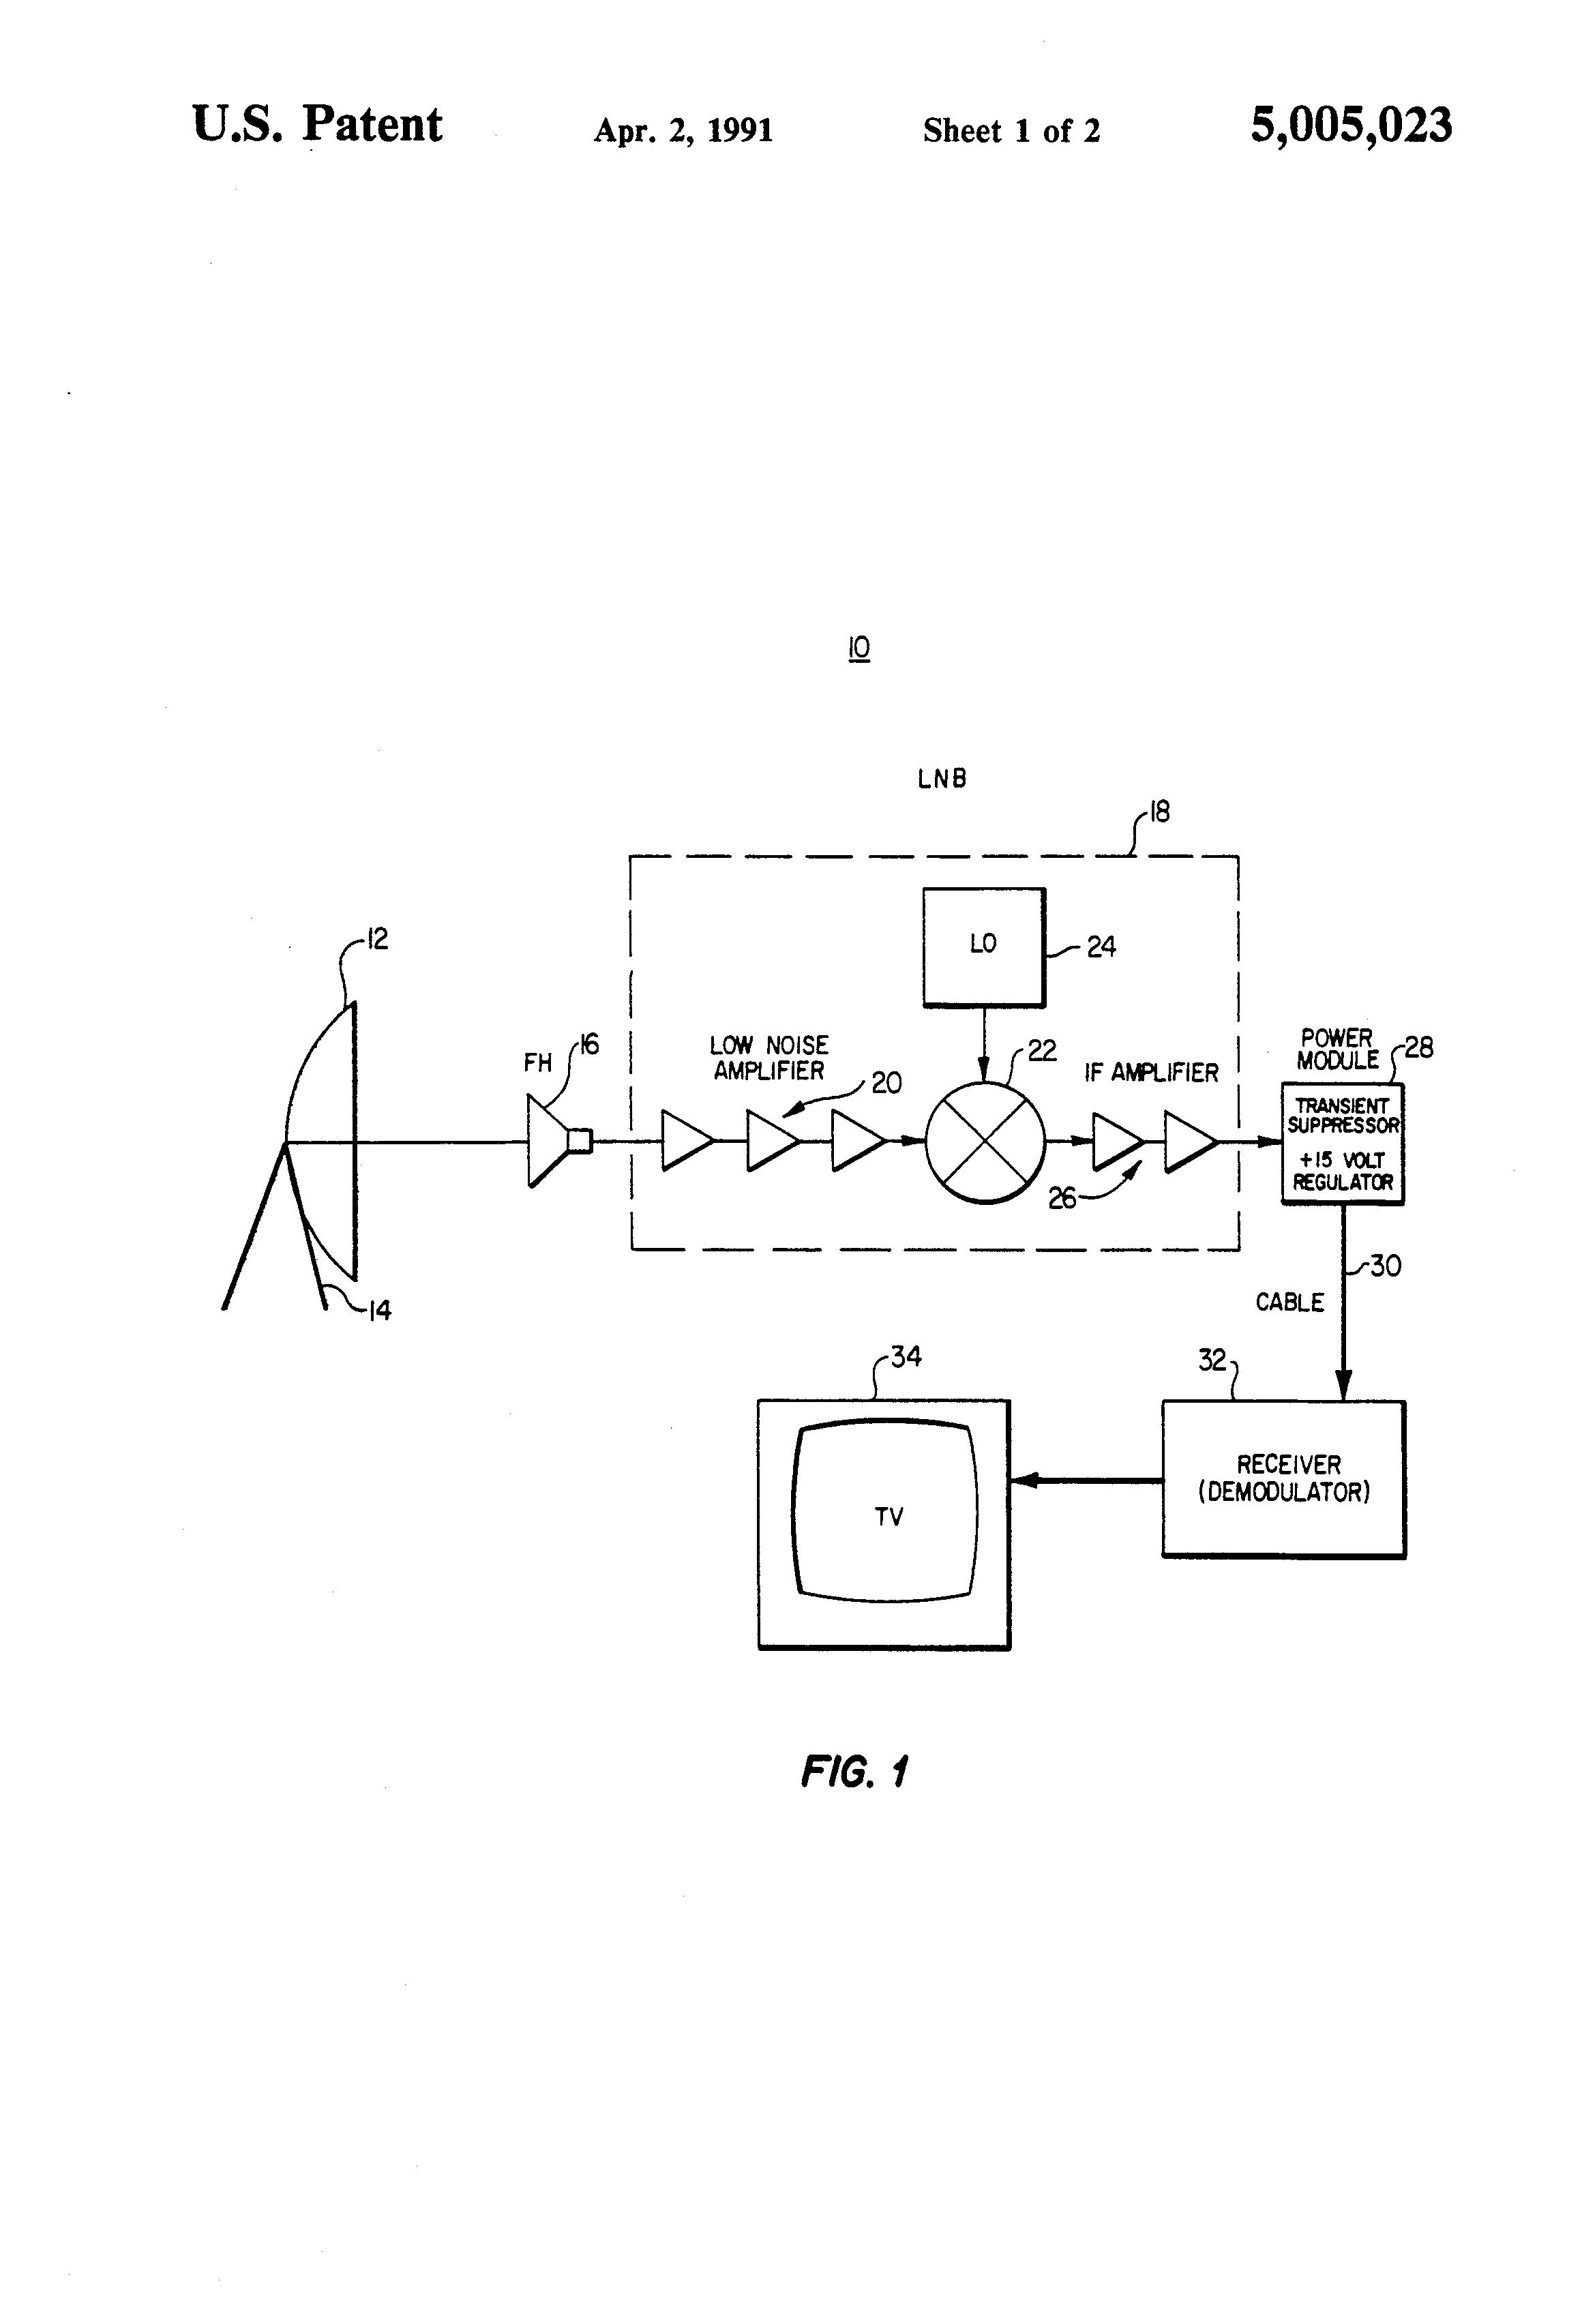 dish 500 lnb wiring diagram 06 jetta headlight switch